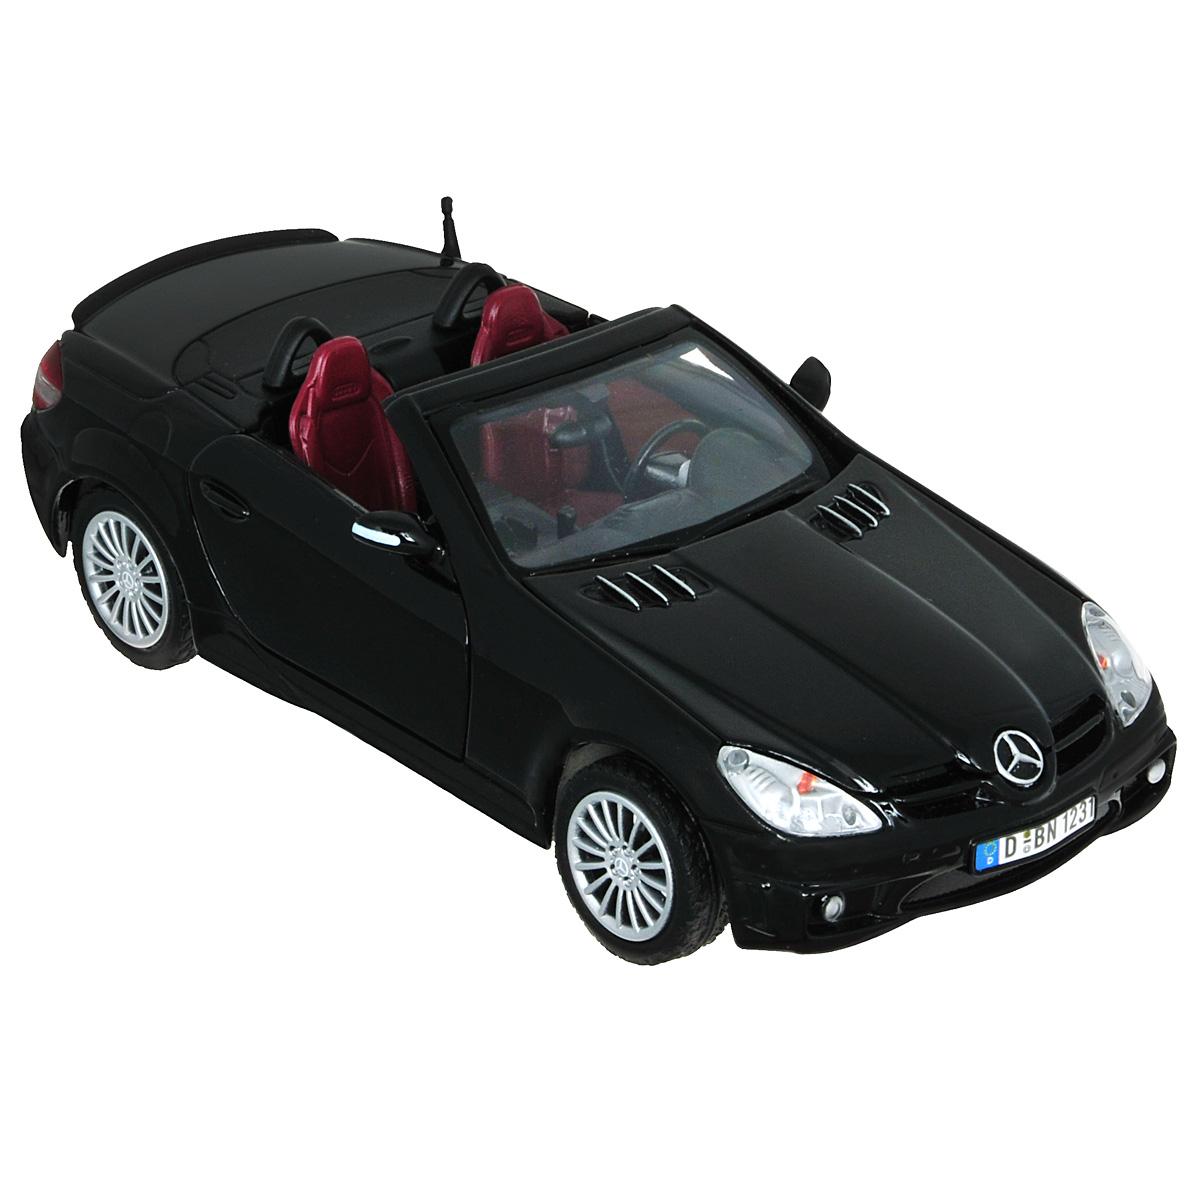 Коллекционная модель MotorMax Mercedes Benz SLK55 АMG, цвет: черный. Масштаб 1/24 welly модель автомобиля mercedes benz g63 amg 6x6 масштаб 1 24 цвет бежевый